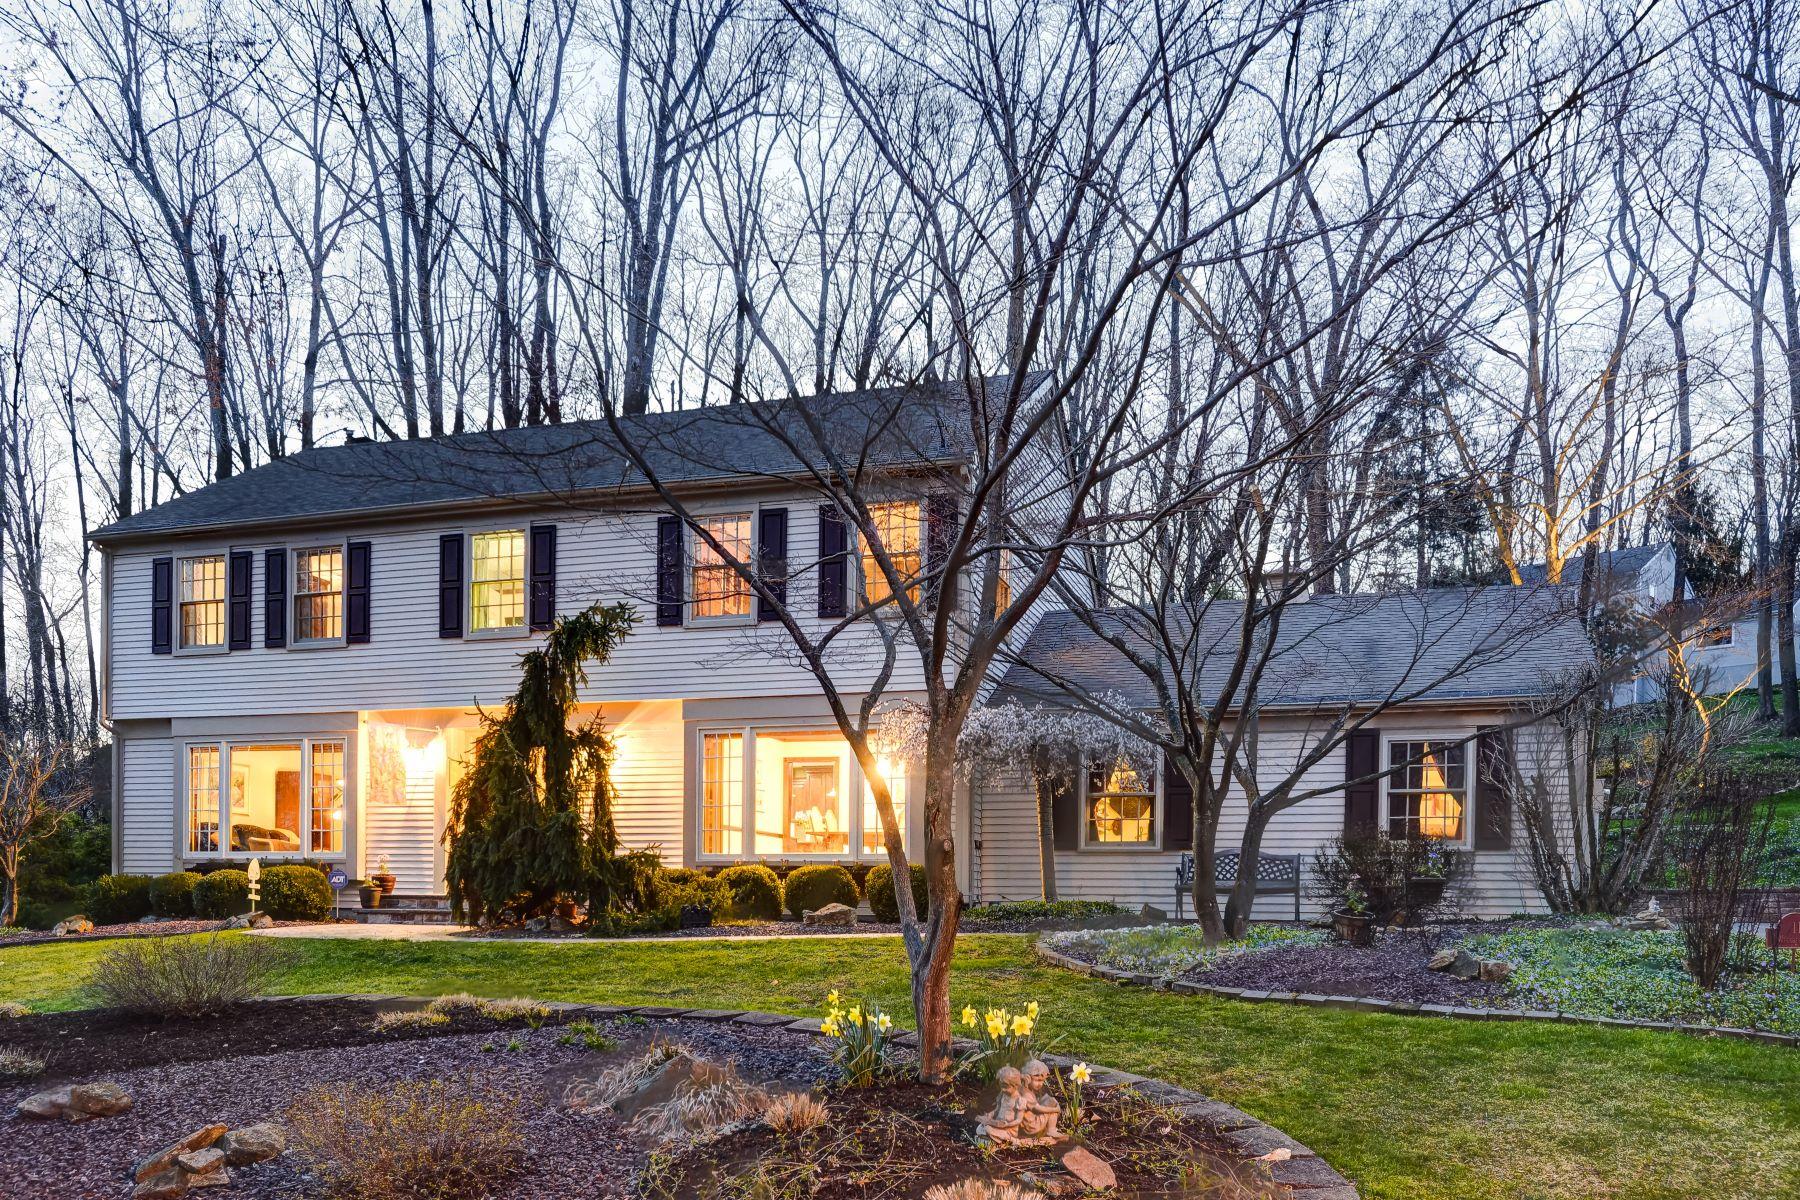 Casa Unifamiliar por un Venta en Stunning Colonial 11 Wyckoff Way, Morris Plains, Nueva Jersey 07950 Estados Unidos